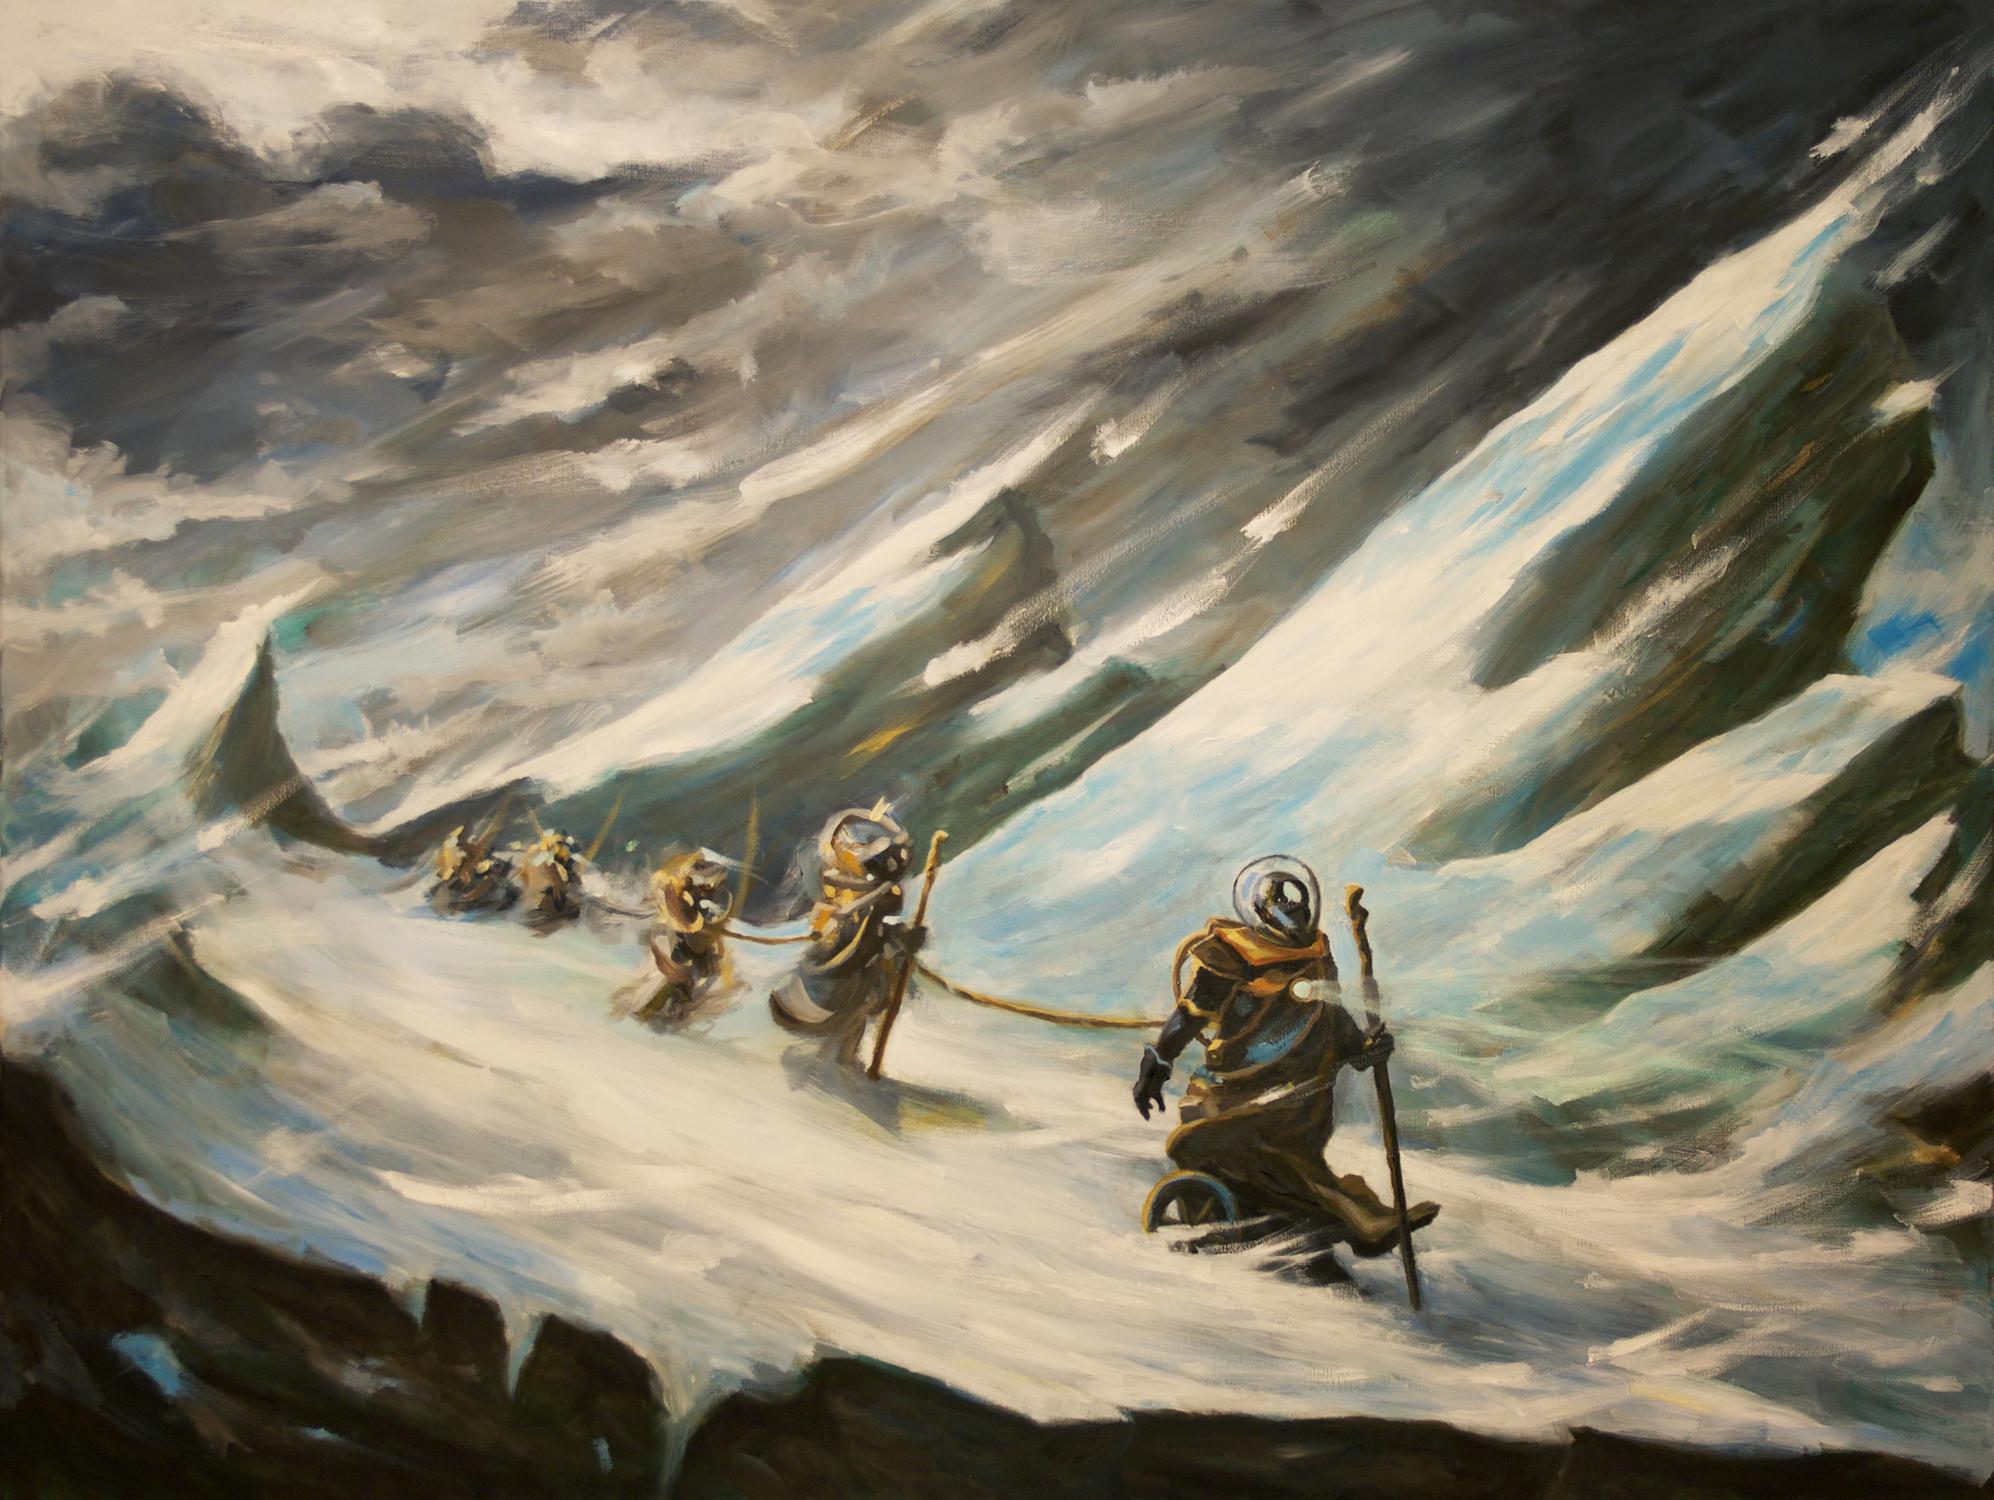 Exodus Artwork by Brian McElligott